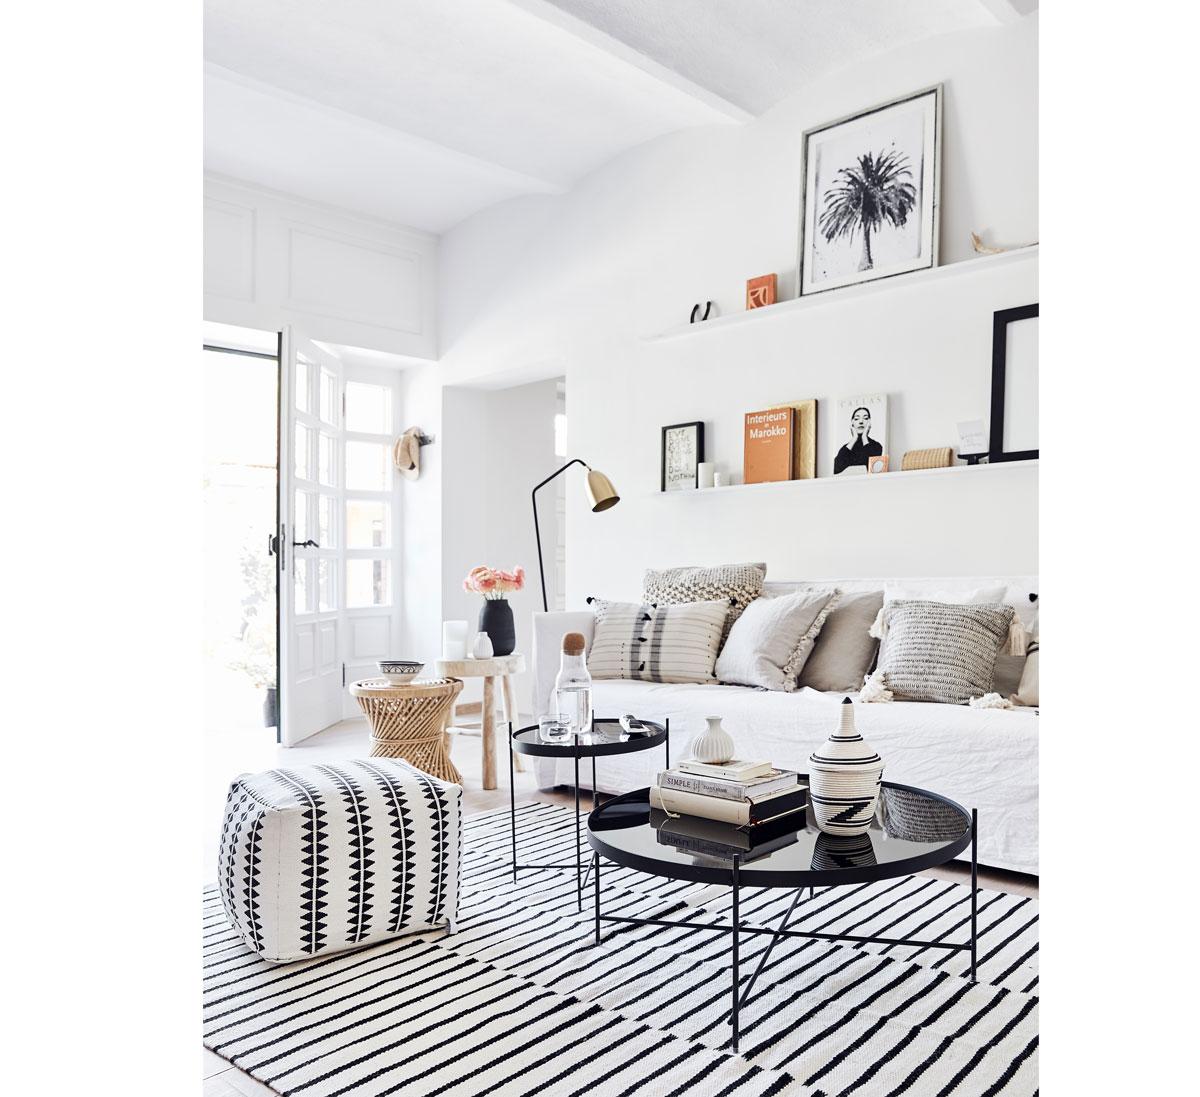 šesť trendov pre obývačky: v prírodnom škandinávskom štýle v neutrálnej kombinácii bielej a čiernej